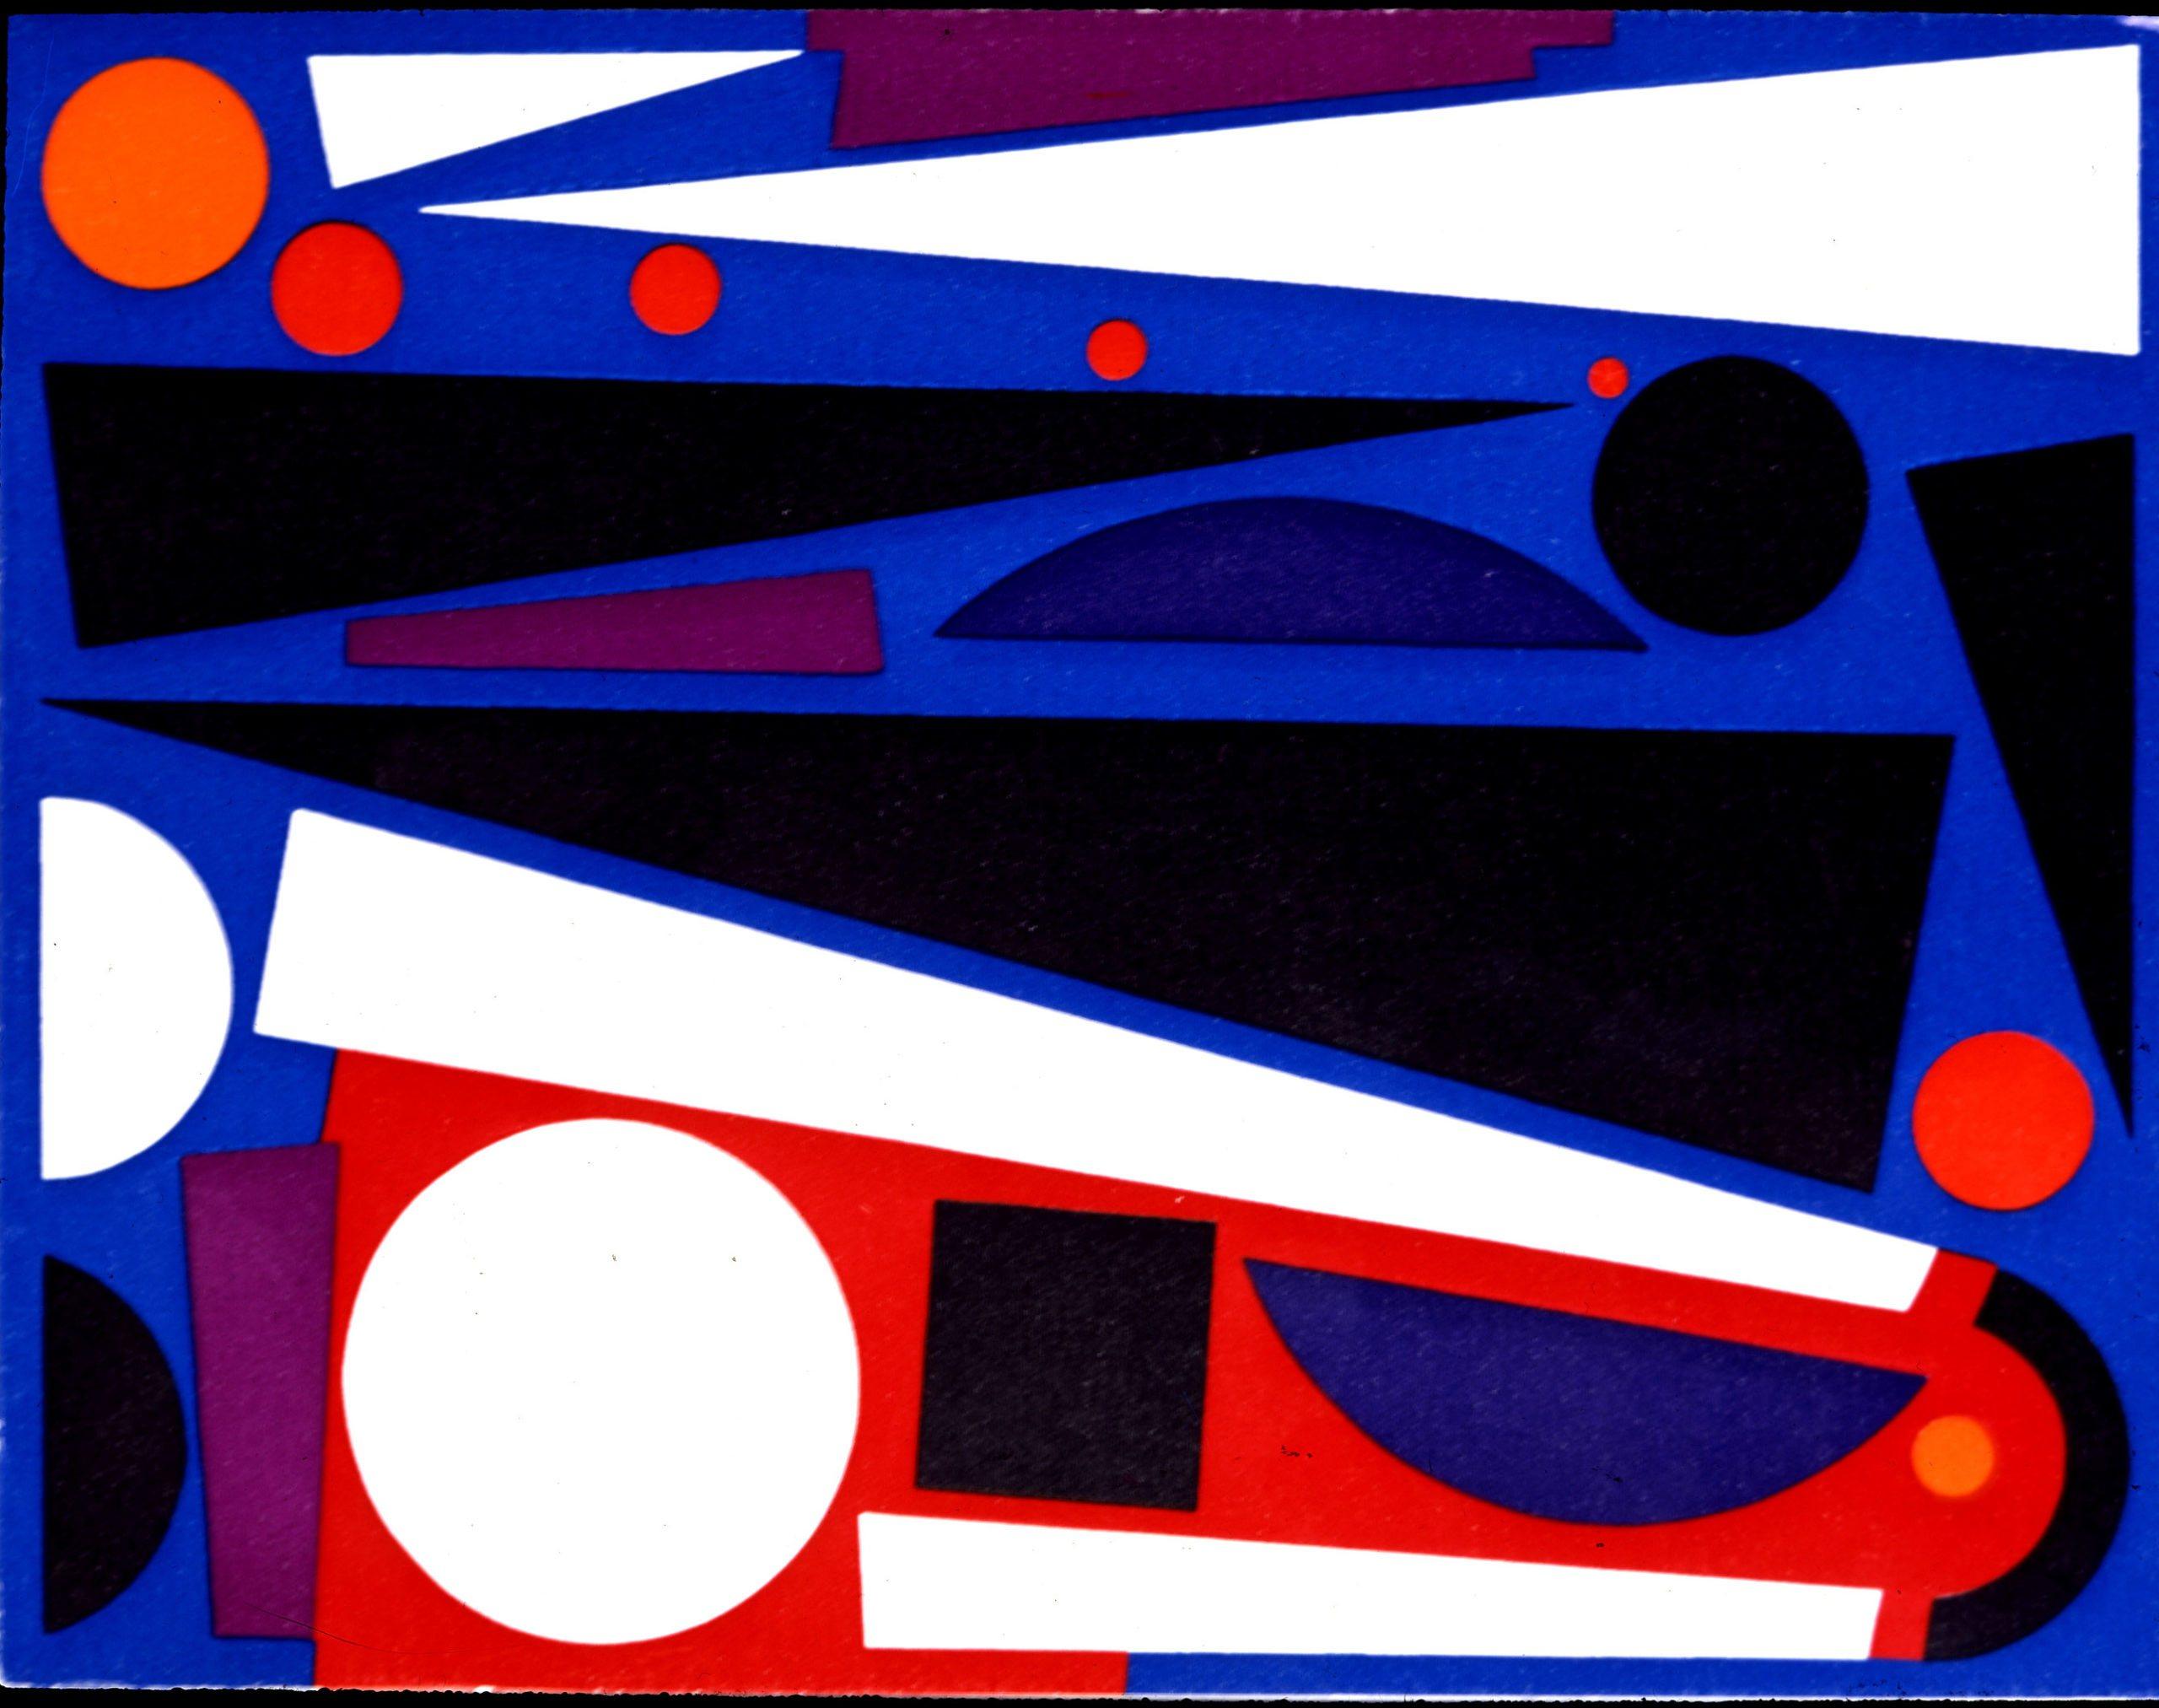 Herbin Auguste,Vent, n°II,1954